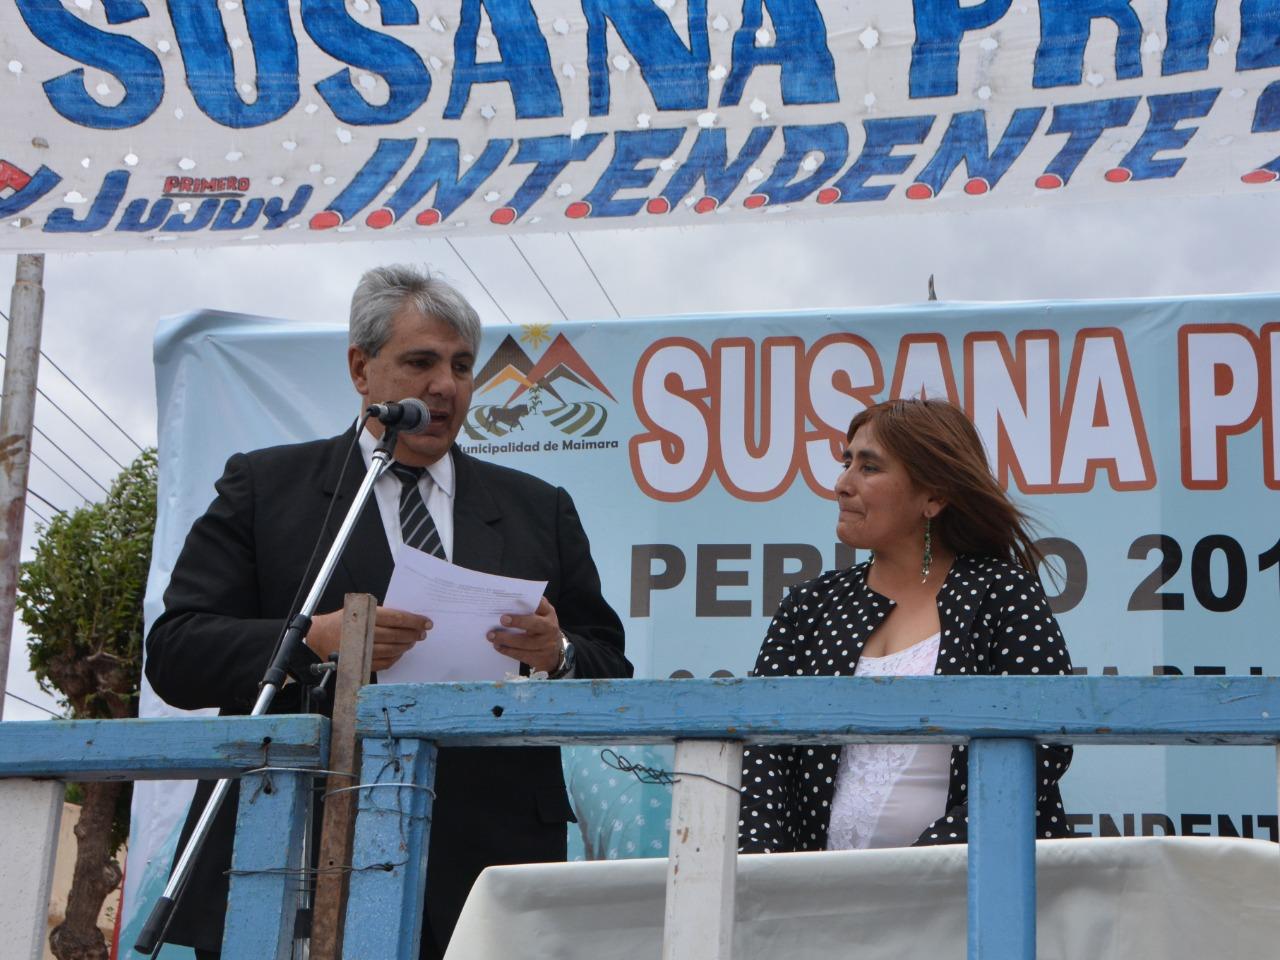 Asumió la primera intendenta de Maimará, Susana Prieto